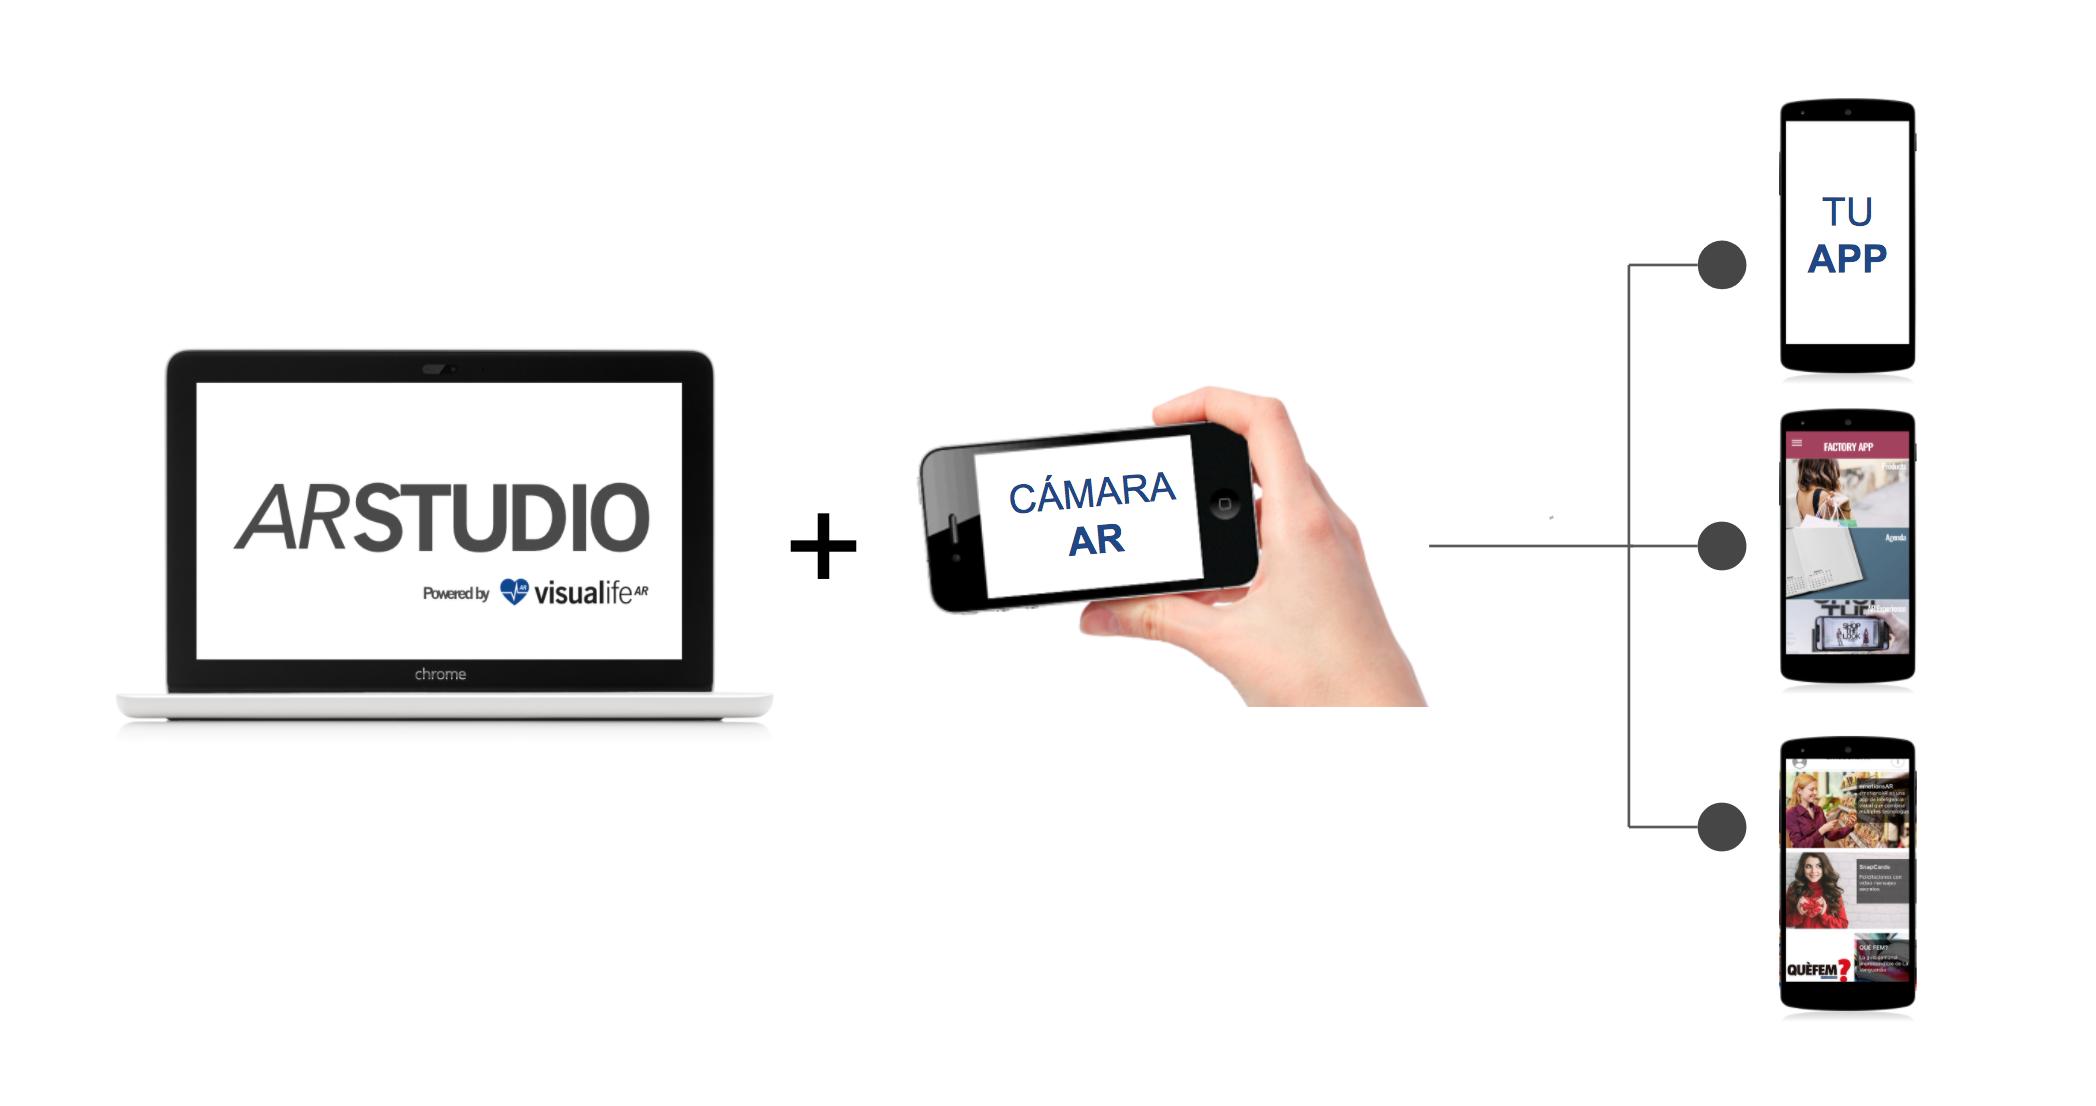 app con cámara ar